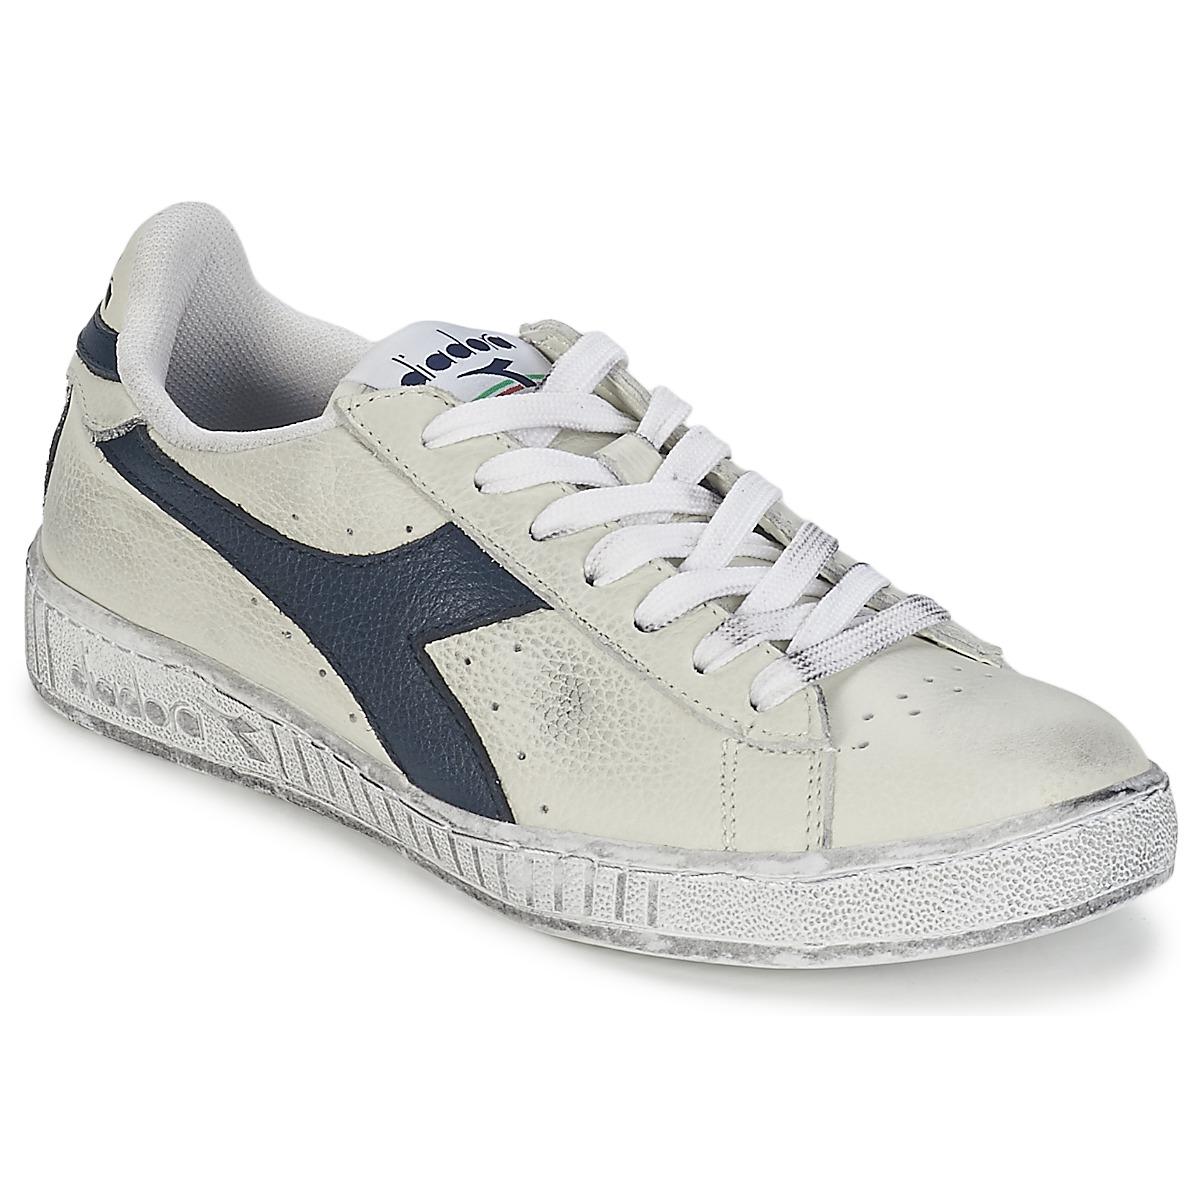 7f2f8fbe8c Acquisto diadora scarpe sneakers